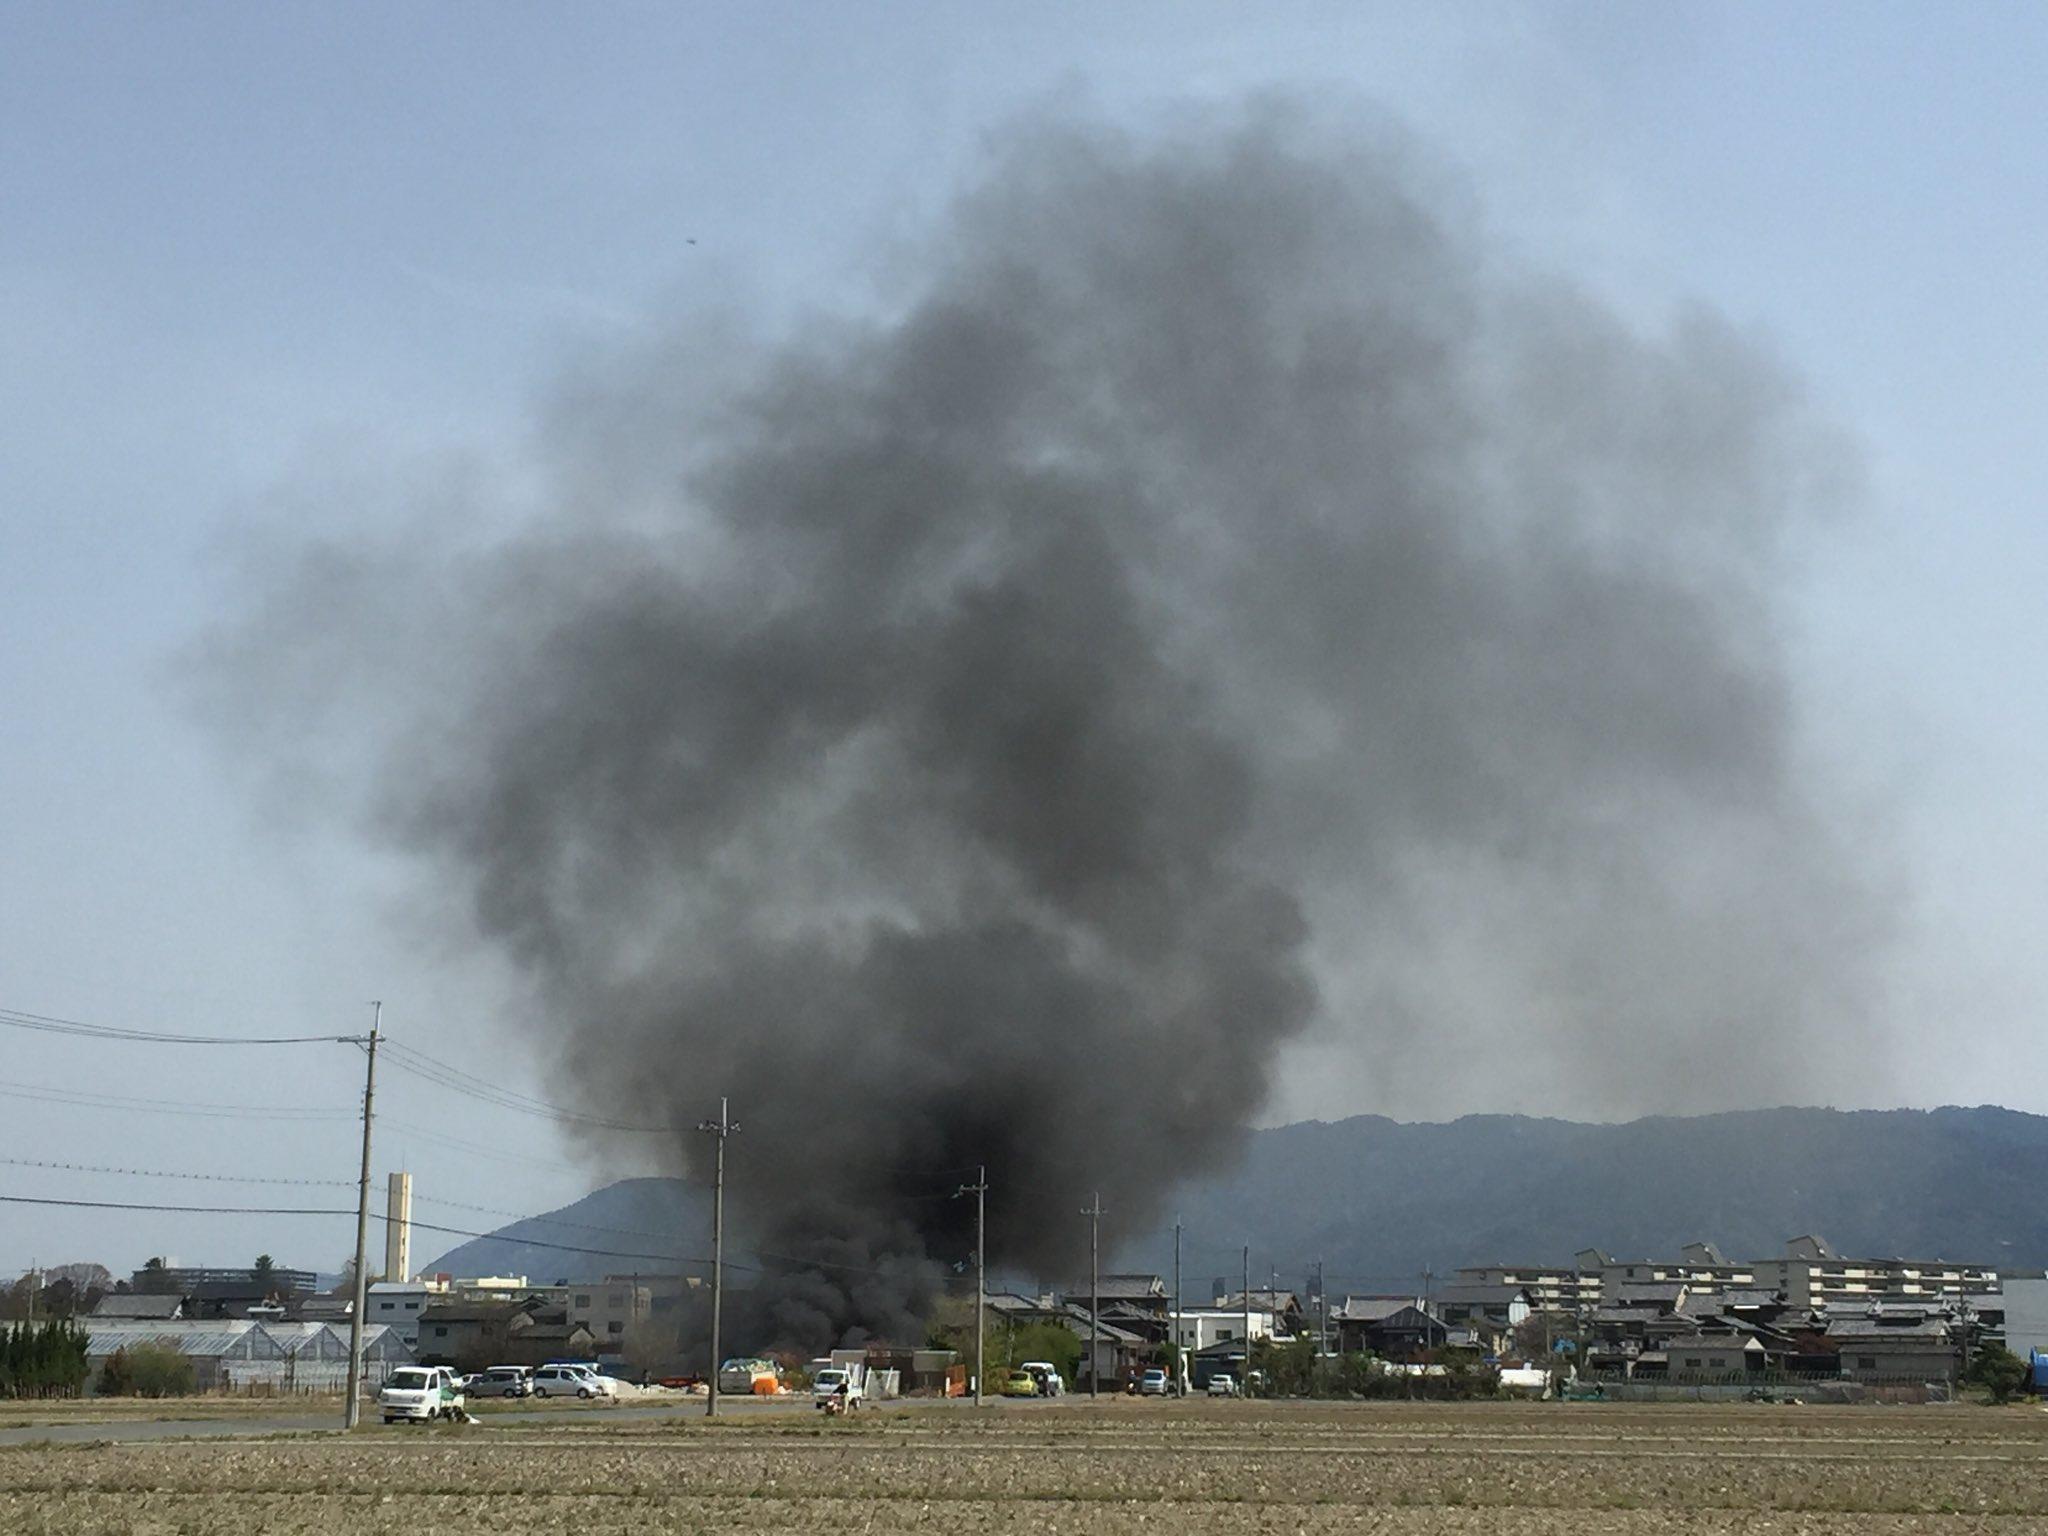 画像,京都。火事ダョ~。 https://t.co/JNHdV6KYHt。